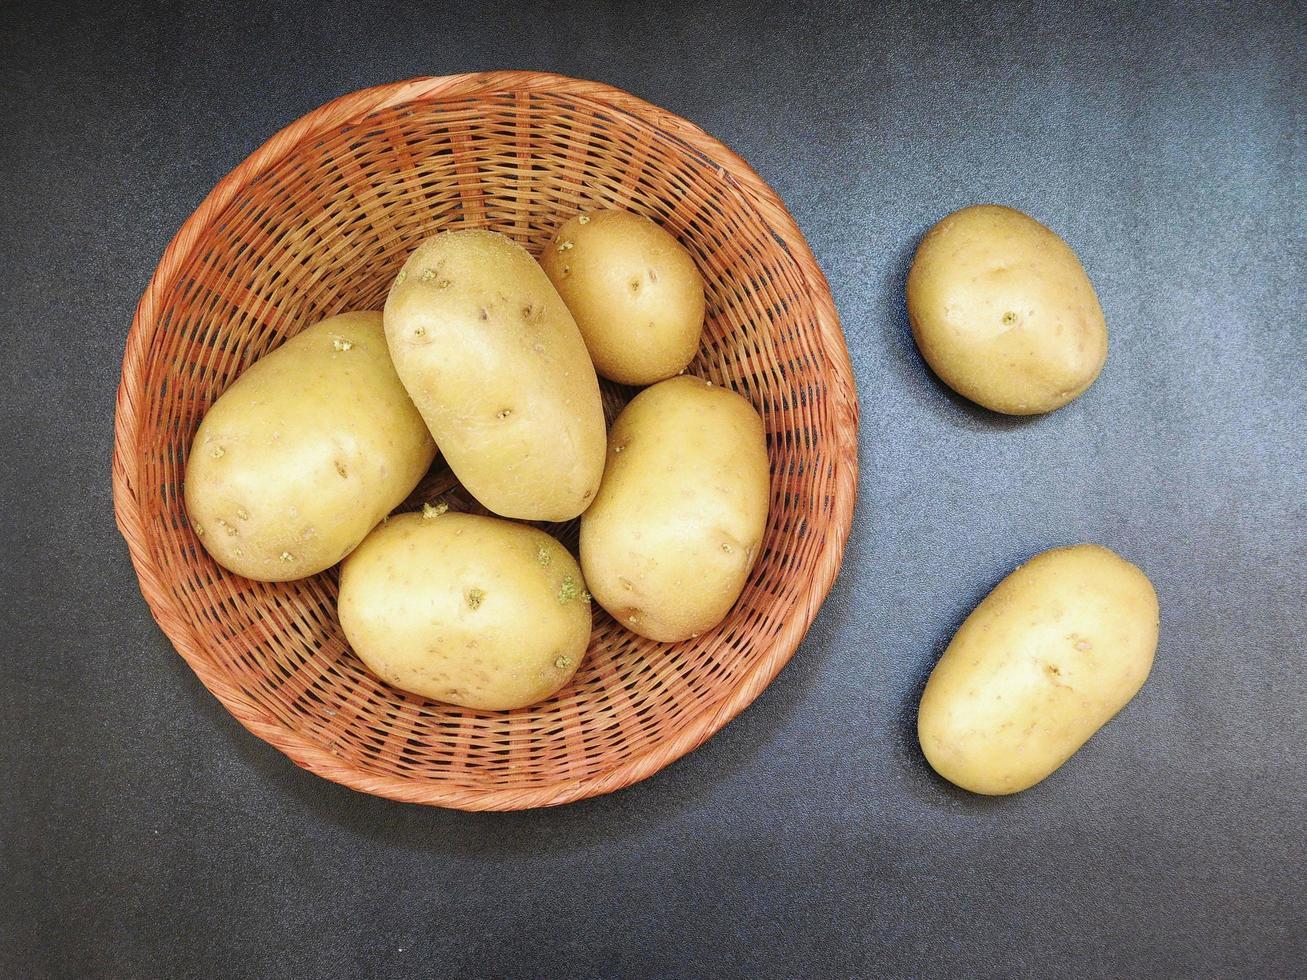 Kartoffeln in einem Weidenkorb auf einem dunklen Tischhintergrund foto